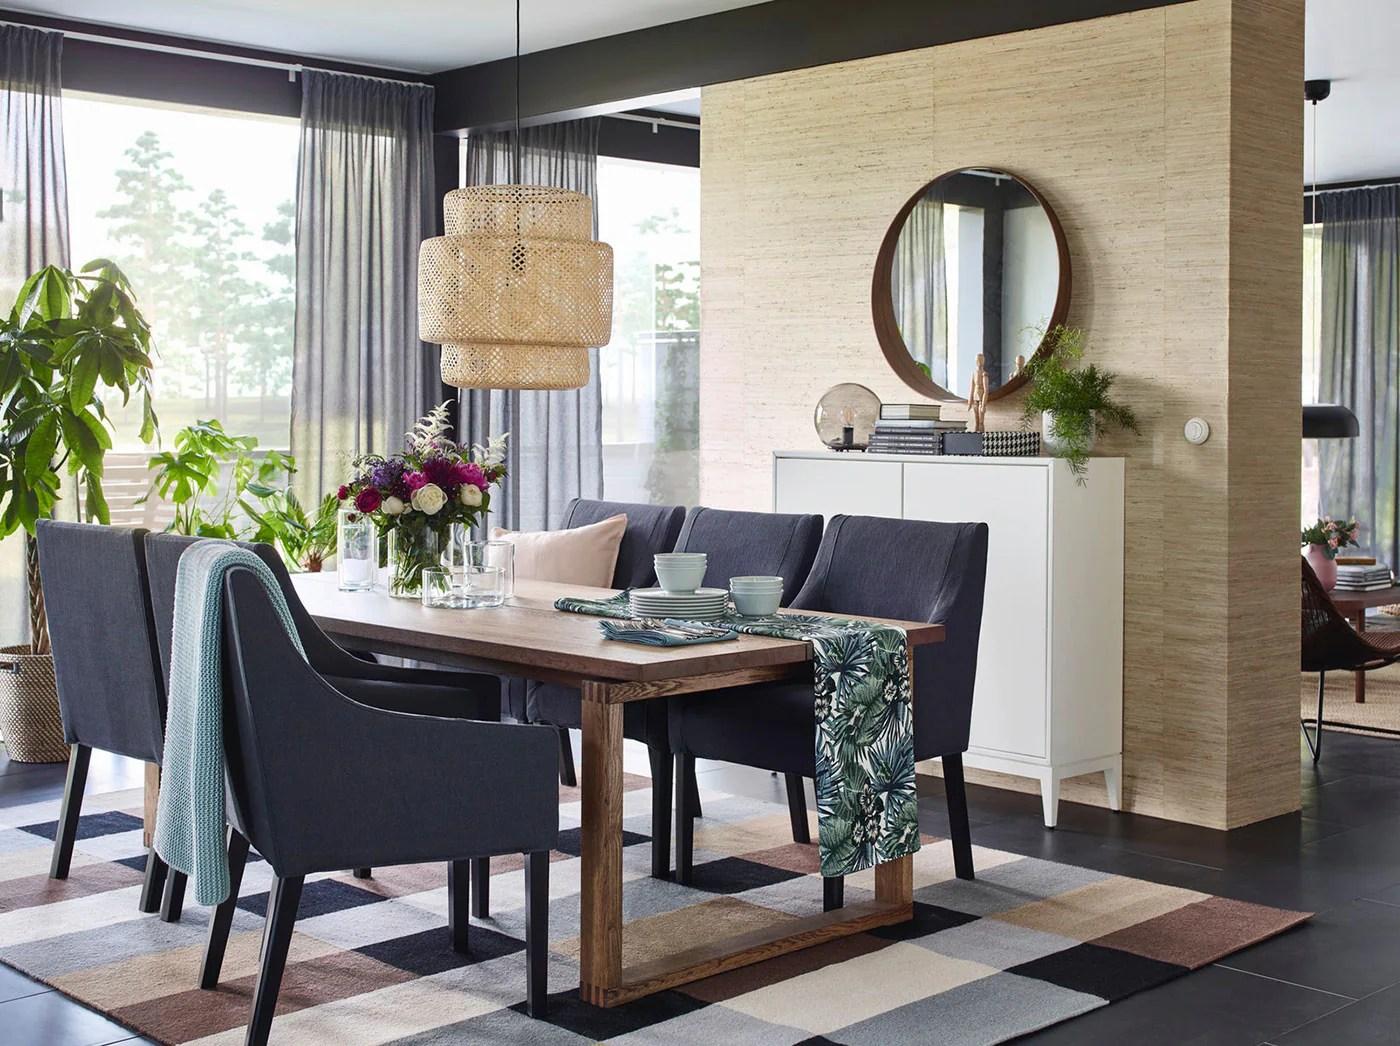 Mobili Per La Sala Ikea ikea novita soggiorno - lack tavolino nero ikea | cucina